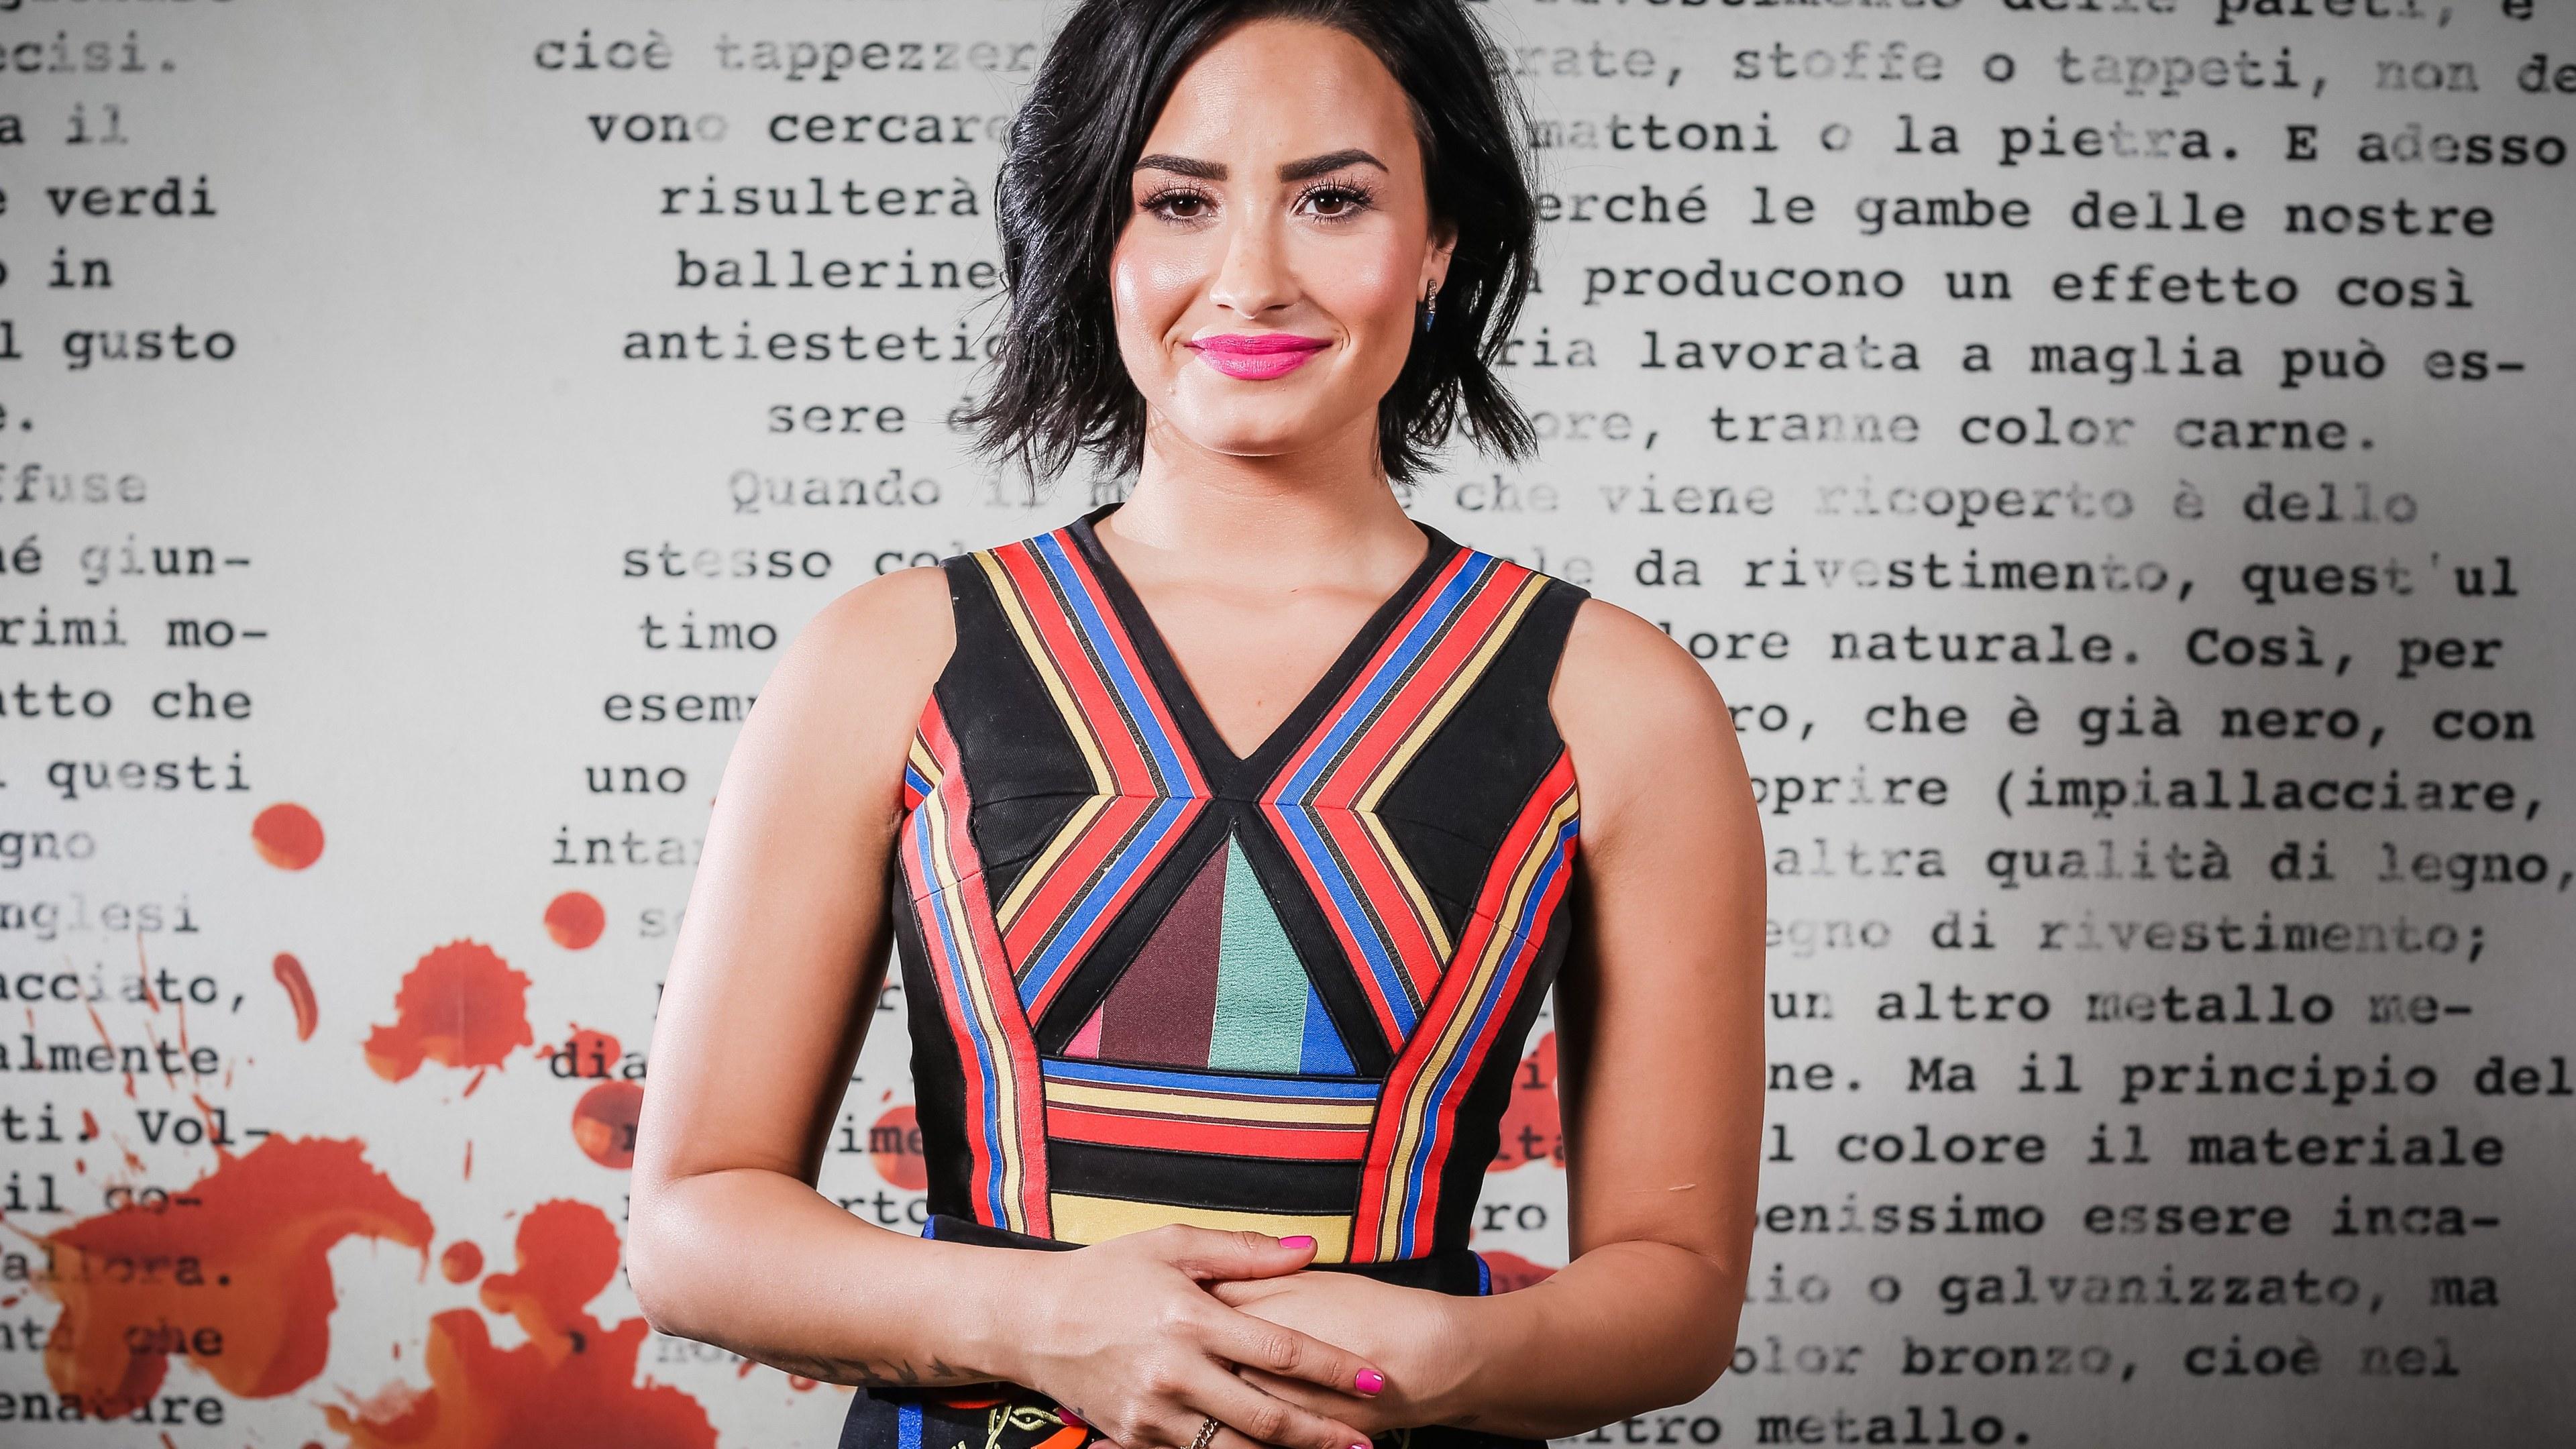 demi lovato 2016 1536857080 - Demi Lovato 2016 - girls wallpapers, demi lovato wallpapers, celebrities wallpapers, actress wallpapers